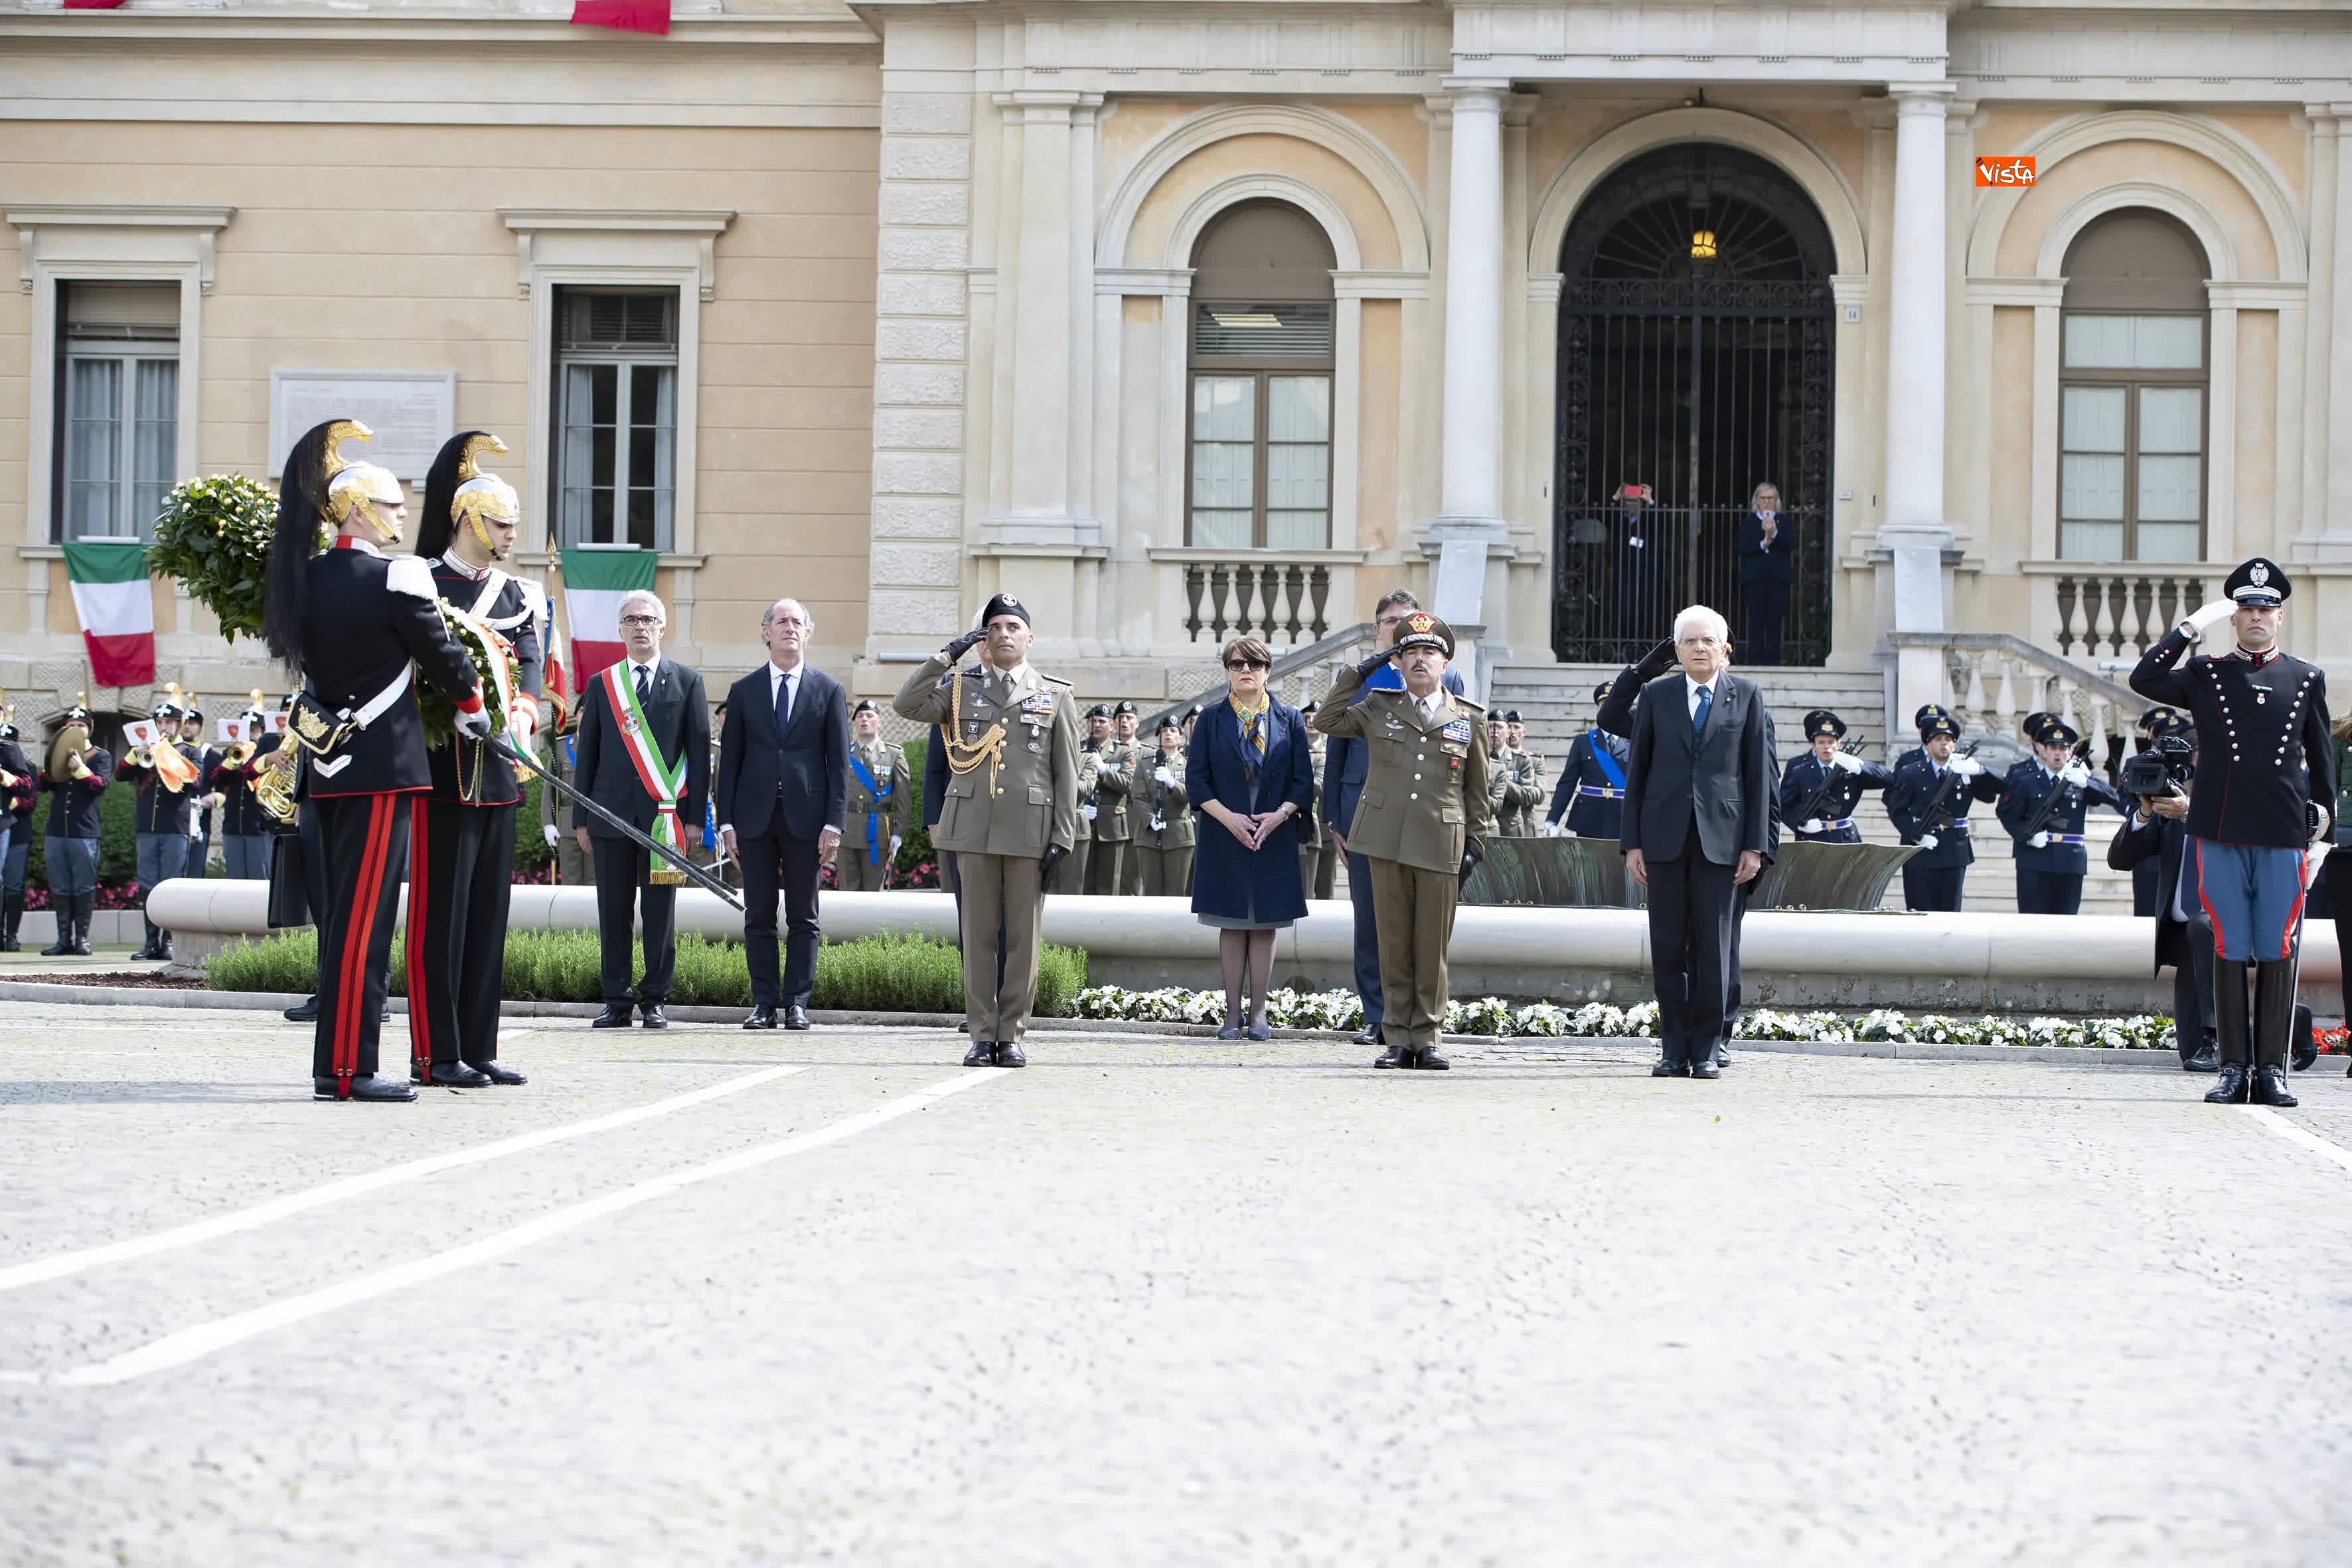 25-04-19 Il Presidente Mattarella assiste alla Cerimonia dell alzabandiera a Vittorio Veneto_04